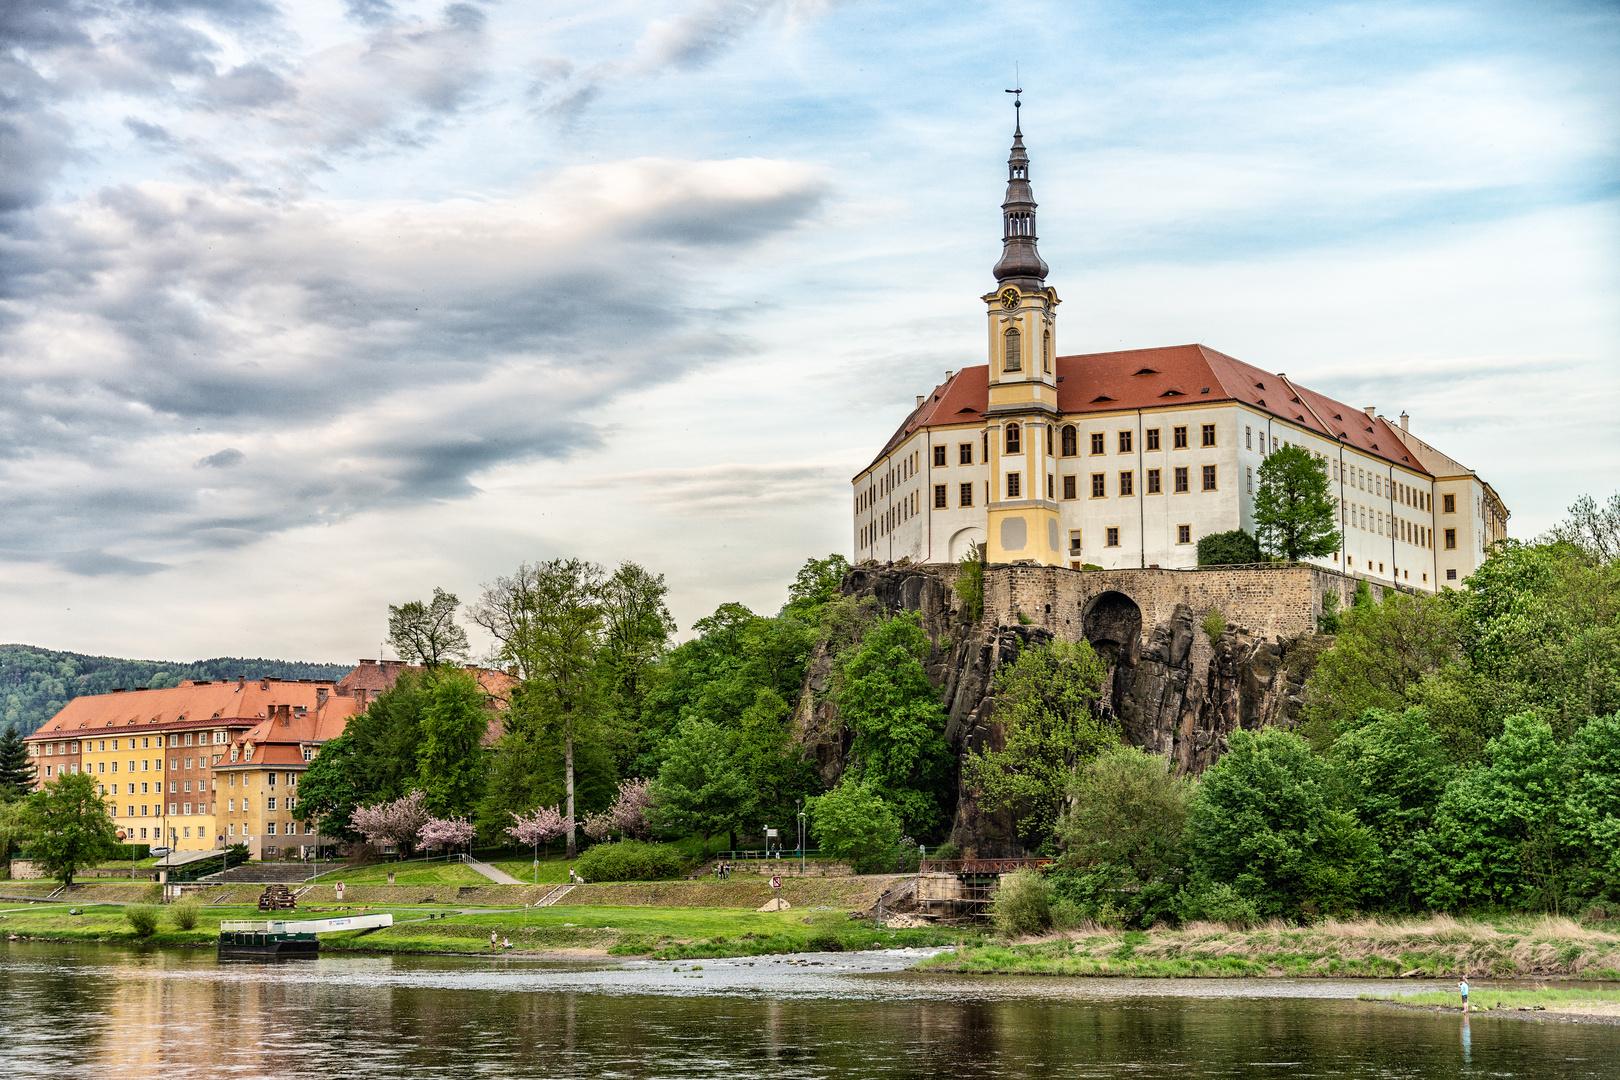 Decin klassisch foto bild architektur europe czech for Architektur klassisch